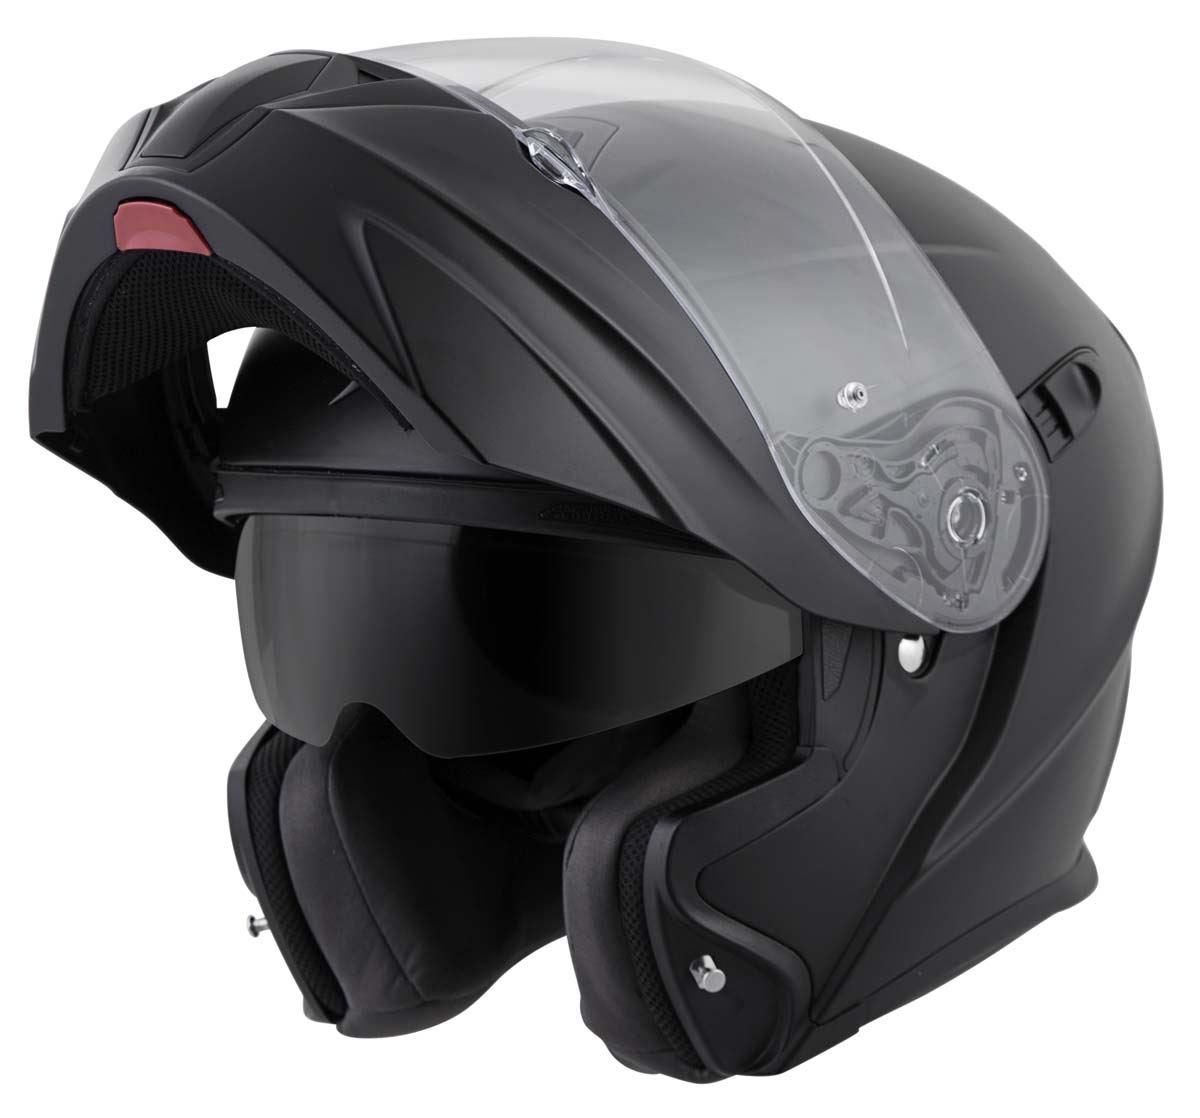 Scorpion-EXO-GT920-Helmet-Sport-Touring-Modular-Flip-Up-DOT-Approved-XS-3XL miniature 5